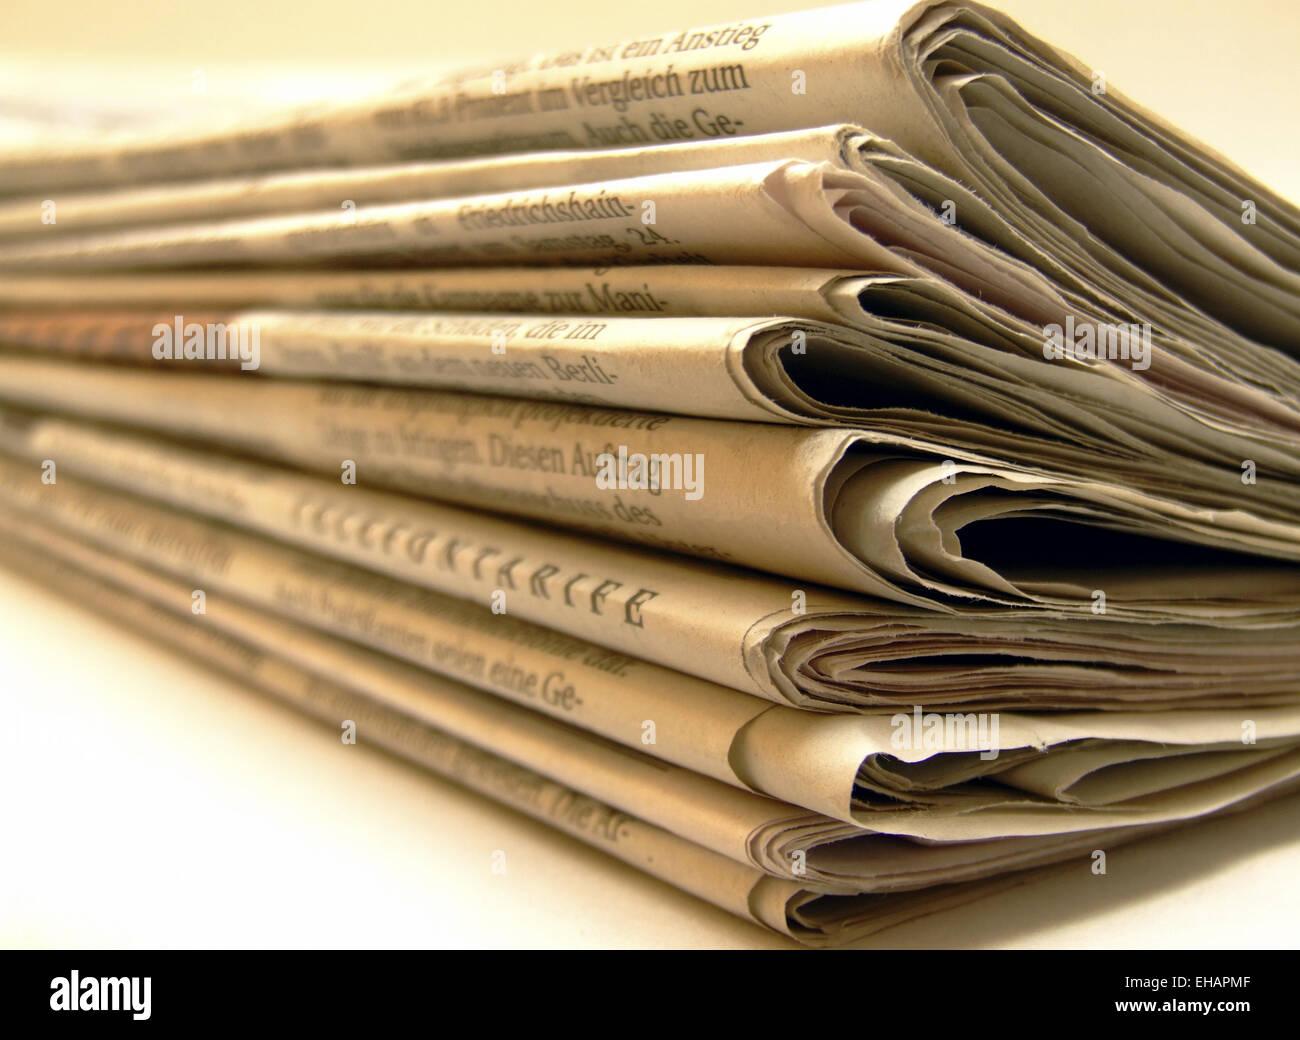 Stapel Zeitungen / newspapers Stock Photo